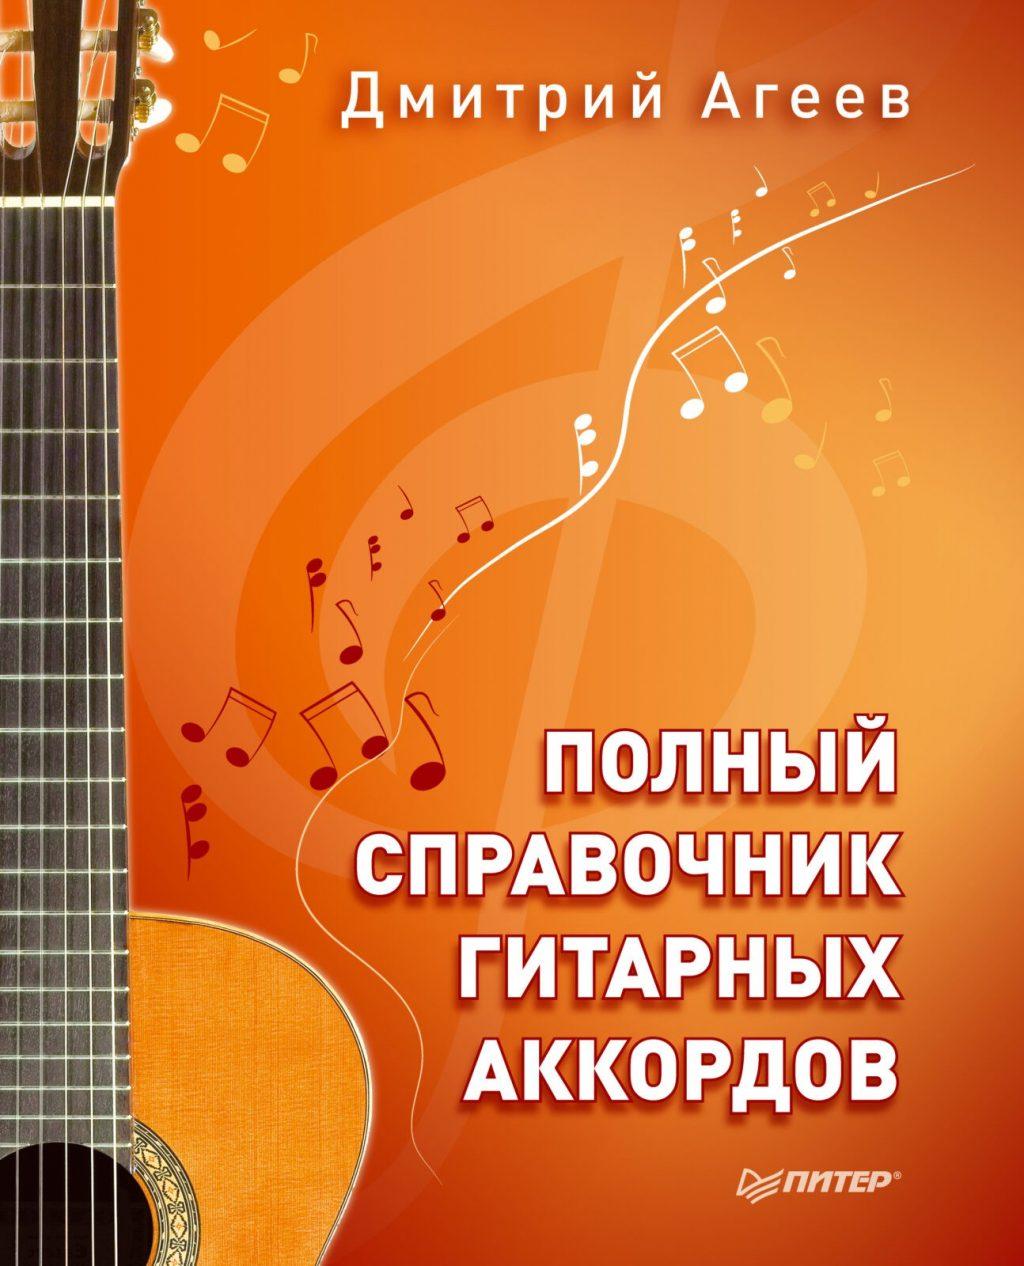 Полный справочник гитарных аккордов. Агеев Д.